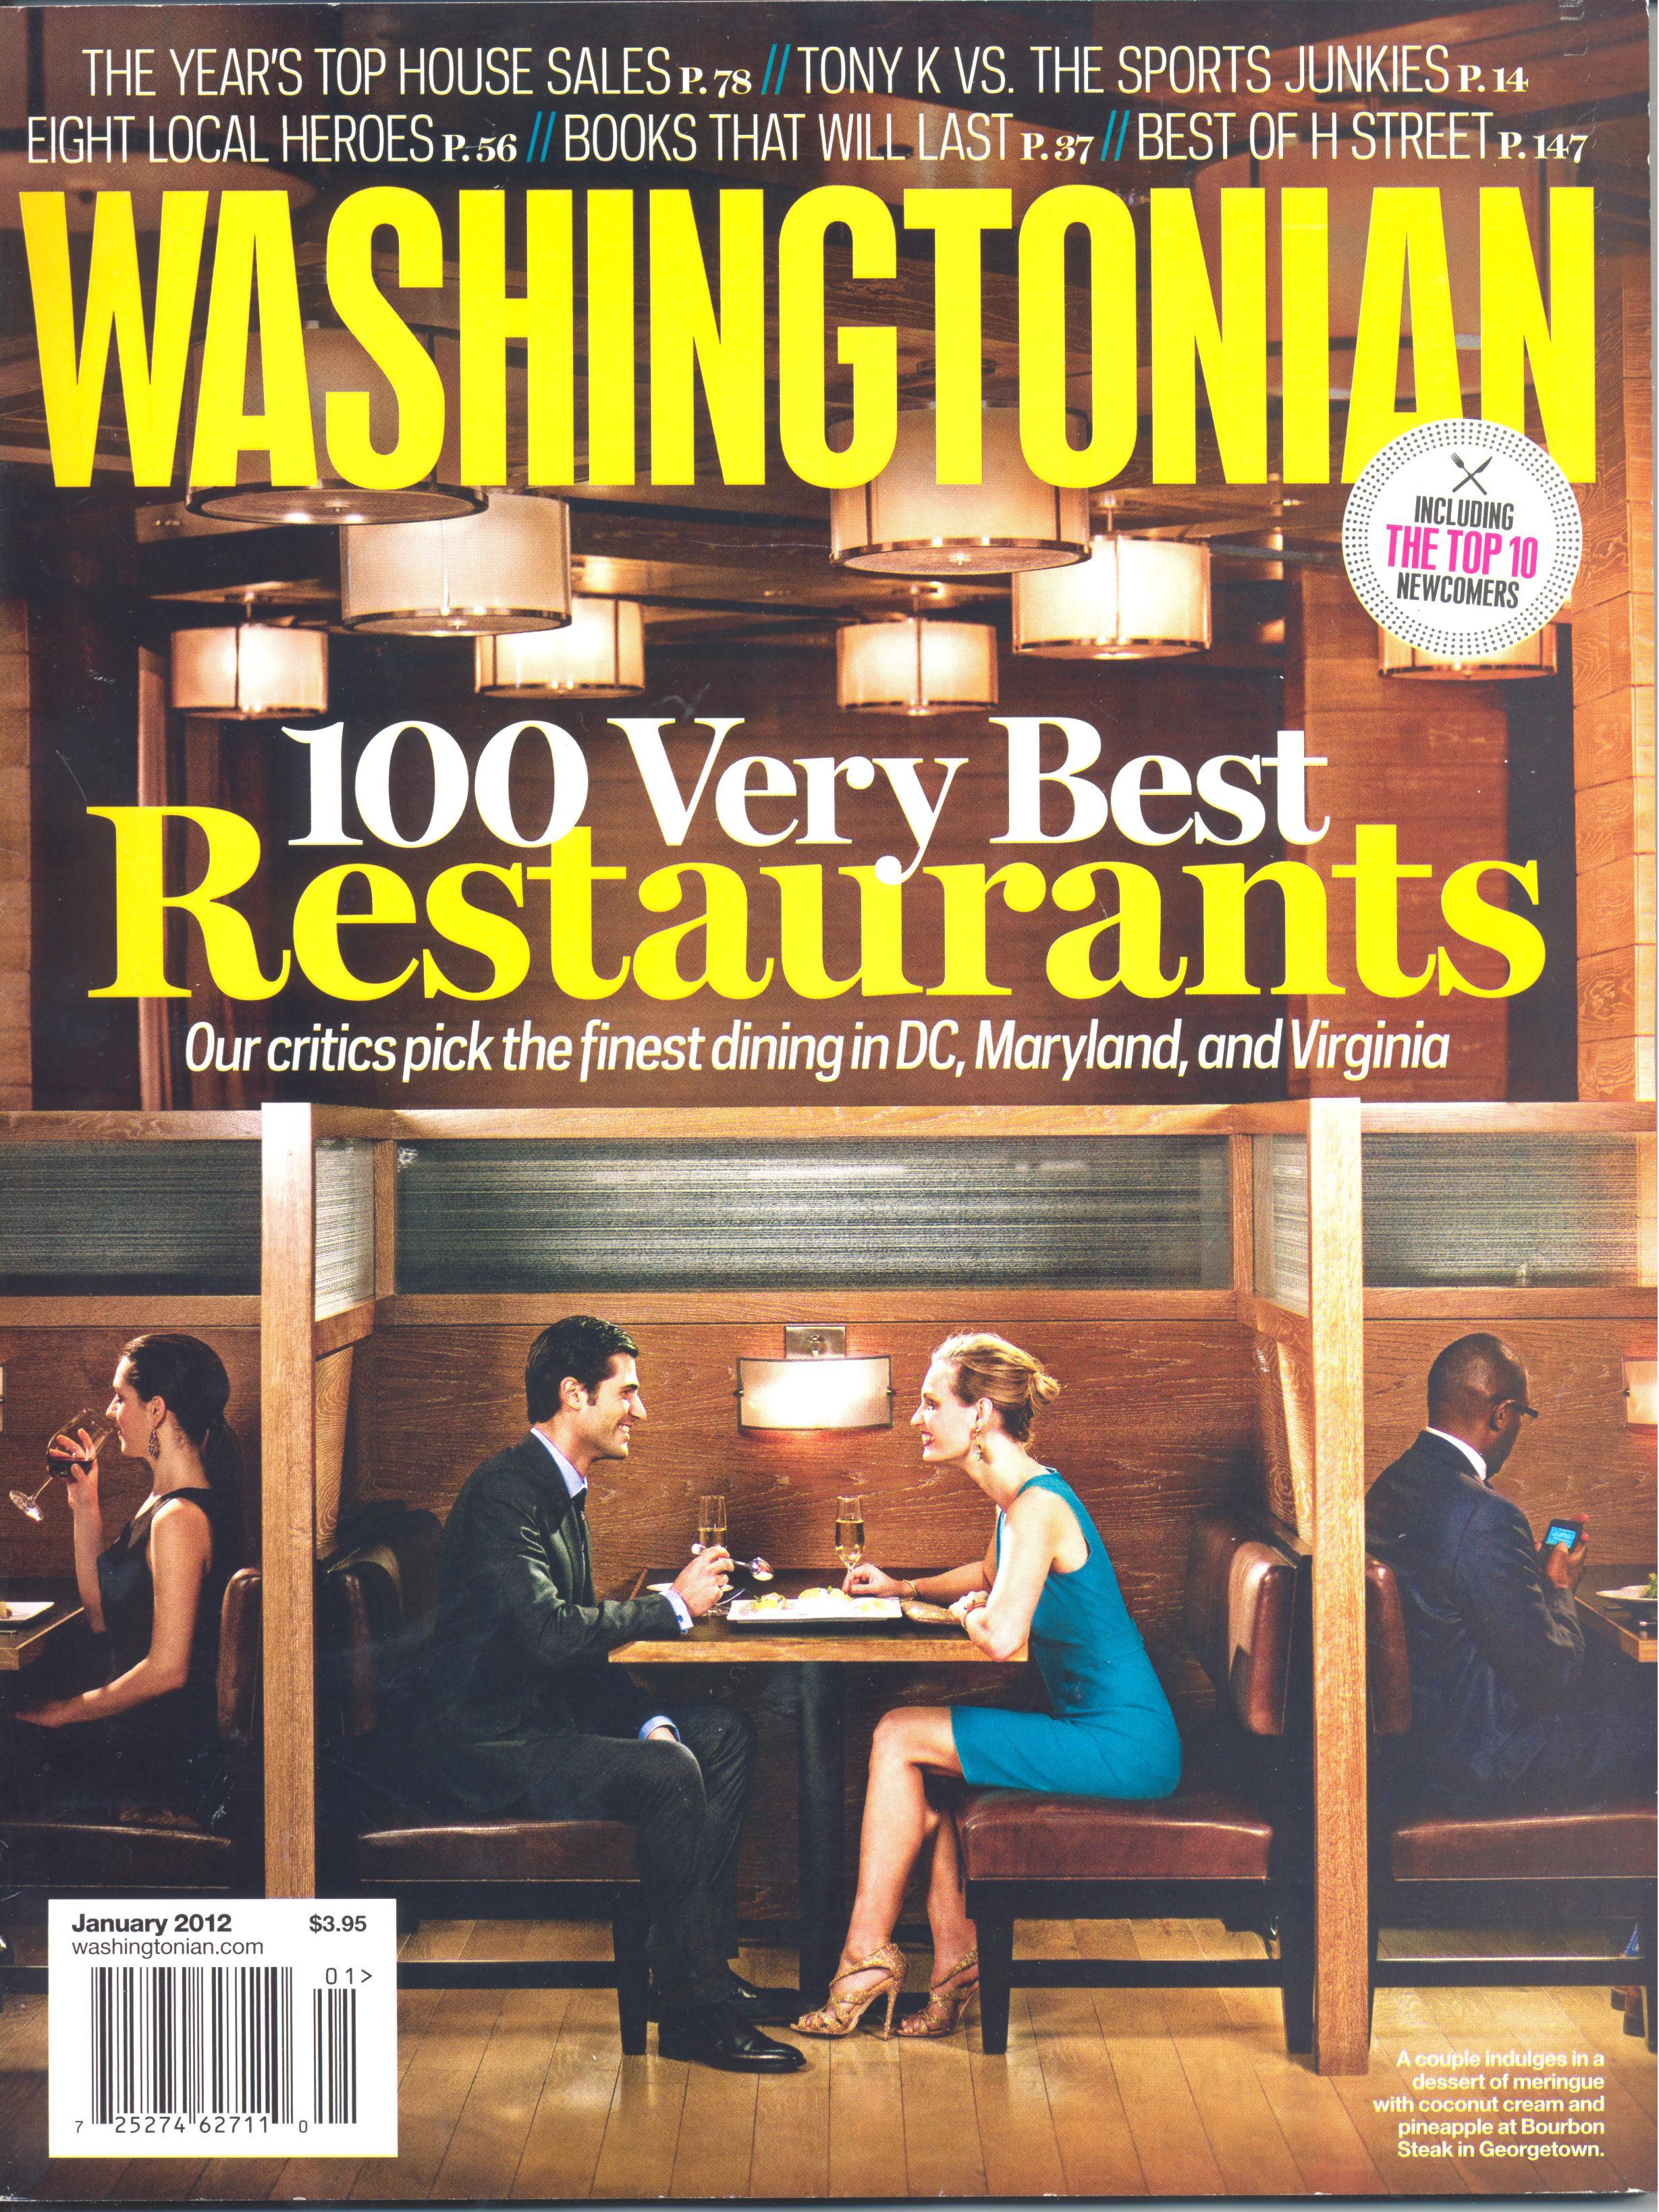 The Washingtonian publishes one of my photographs